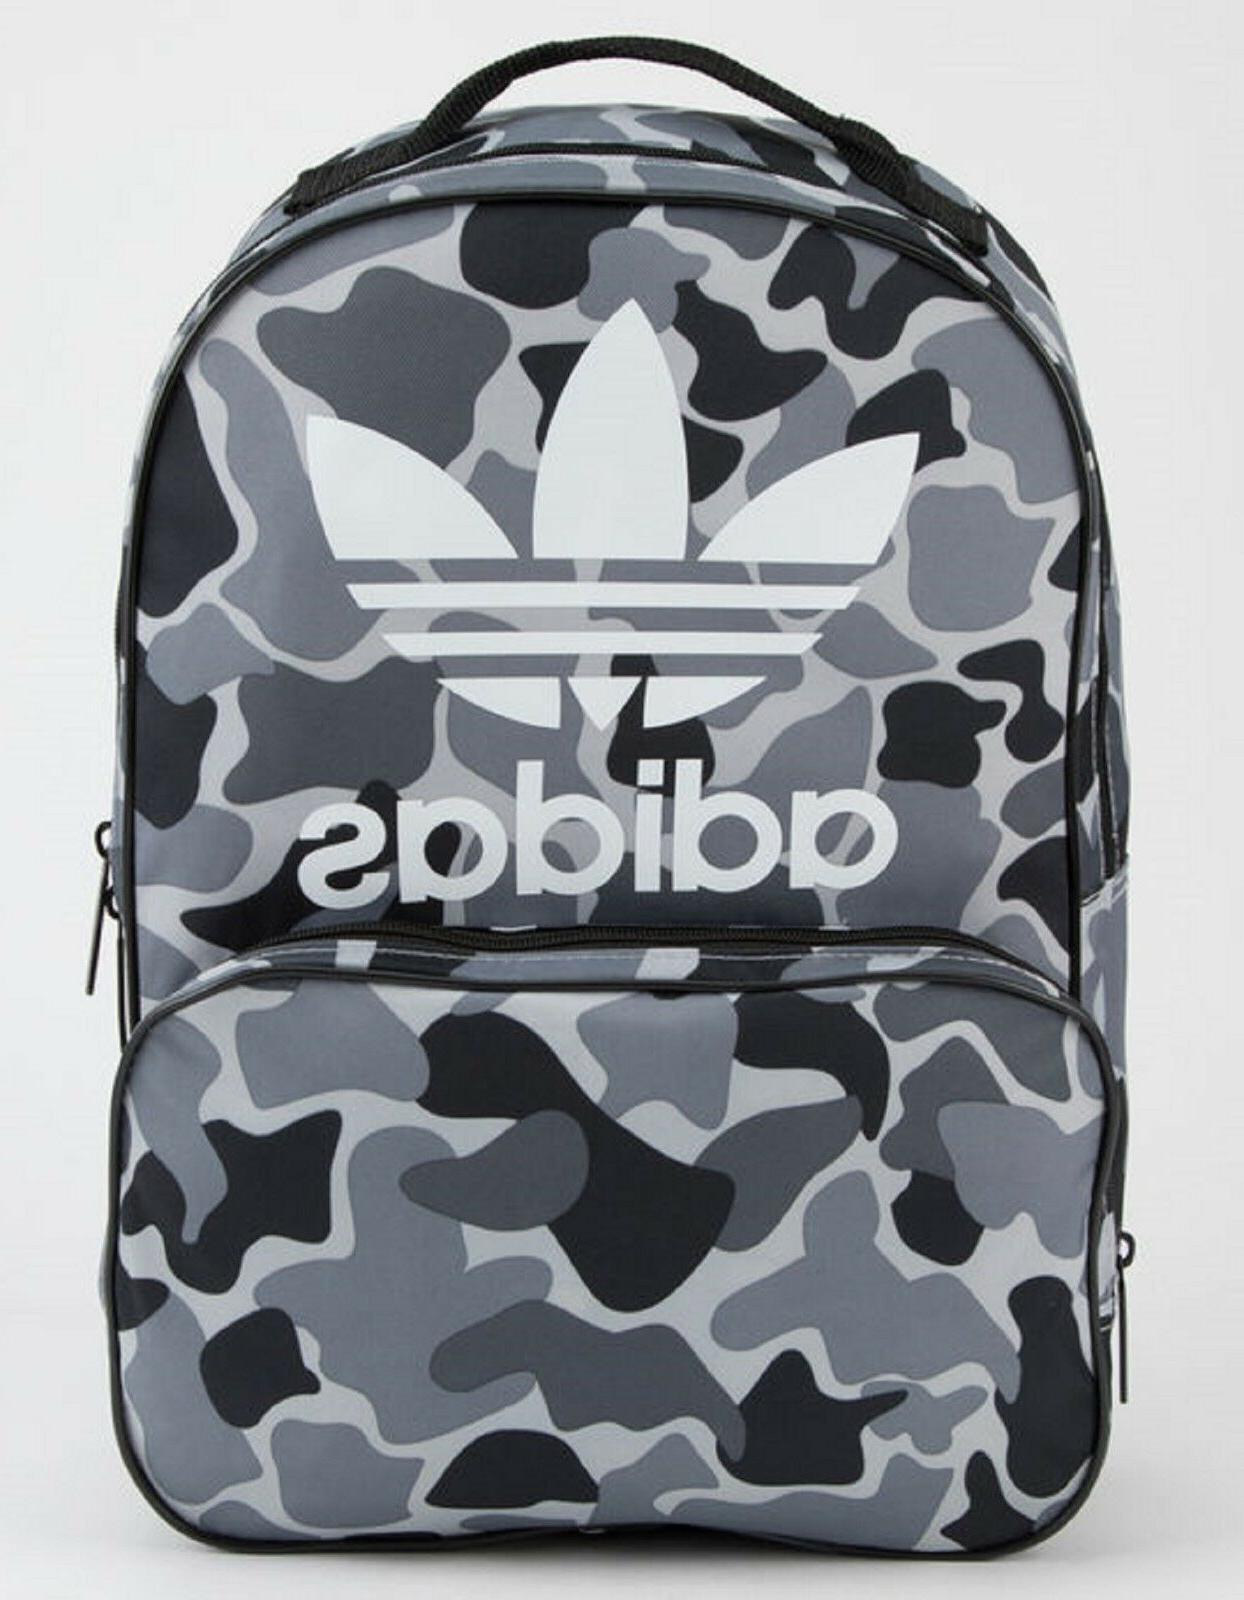 NEW ADIDAS ORIGINALS TREFOIL SANTIAGO CAMO BACKPACK BAG  #CJ